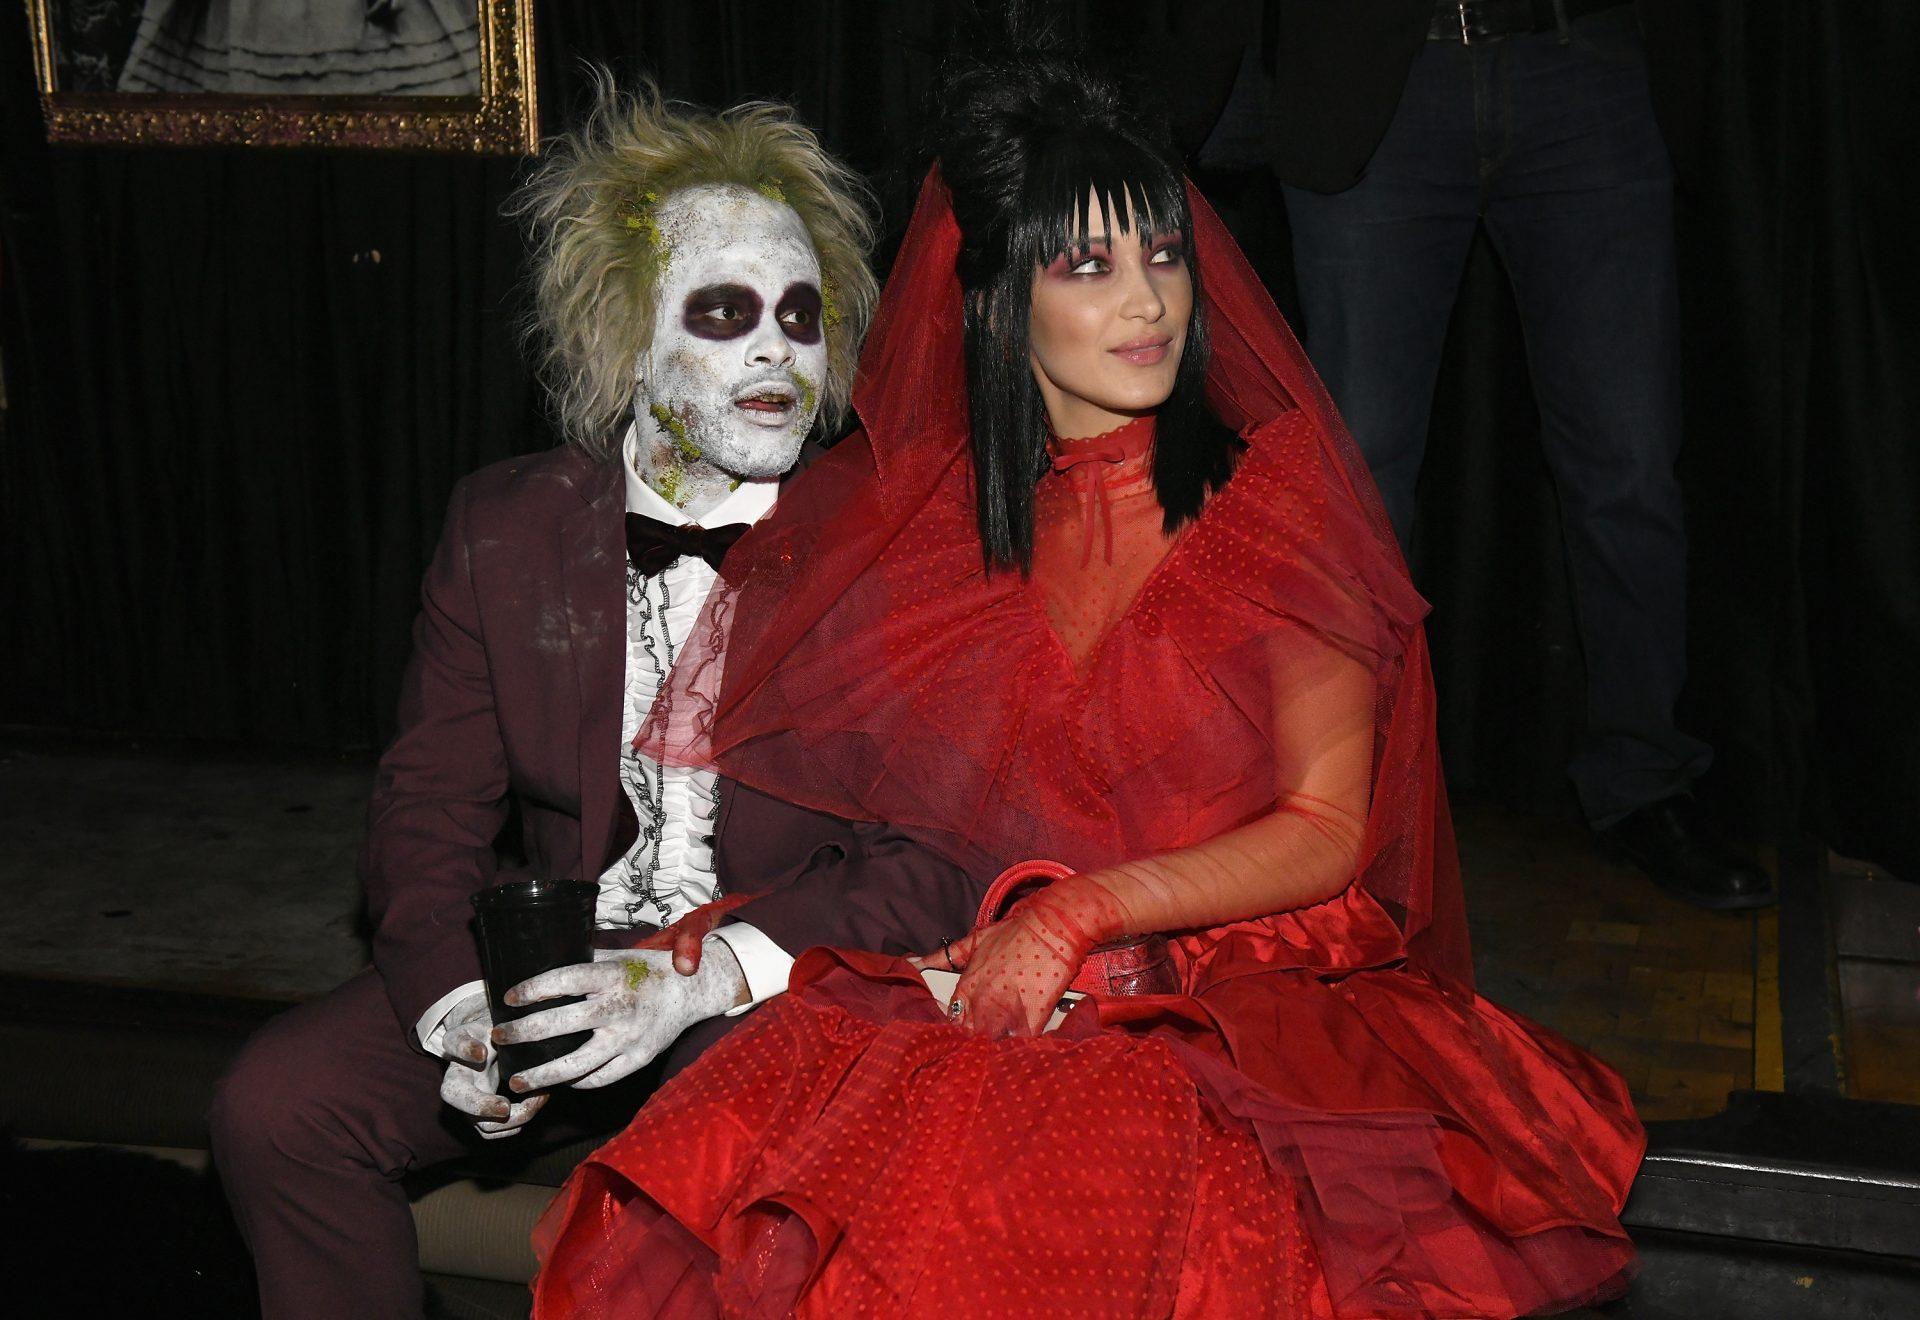 Costume Halloween Bella Hadid The Weeknd